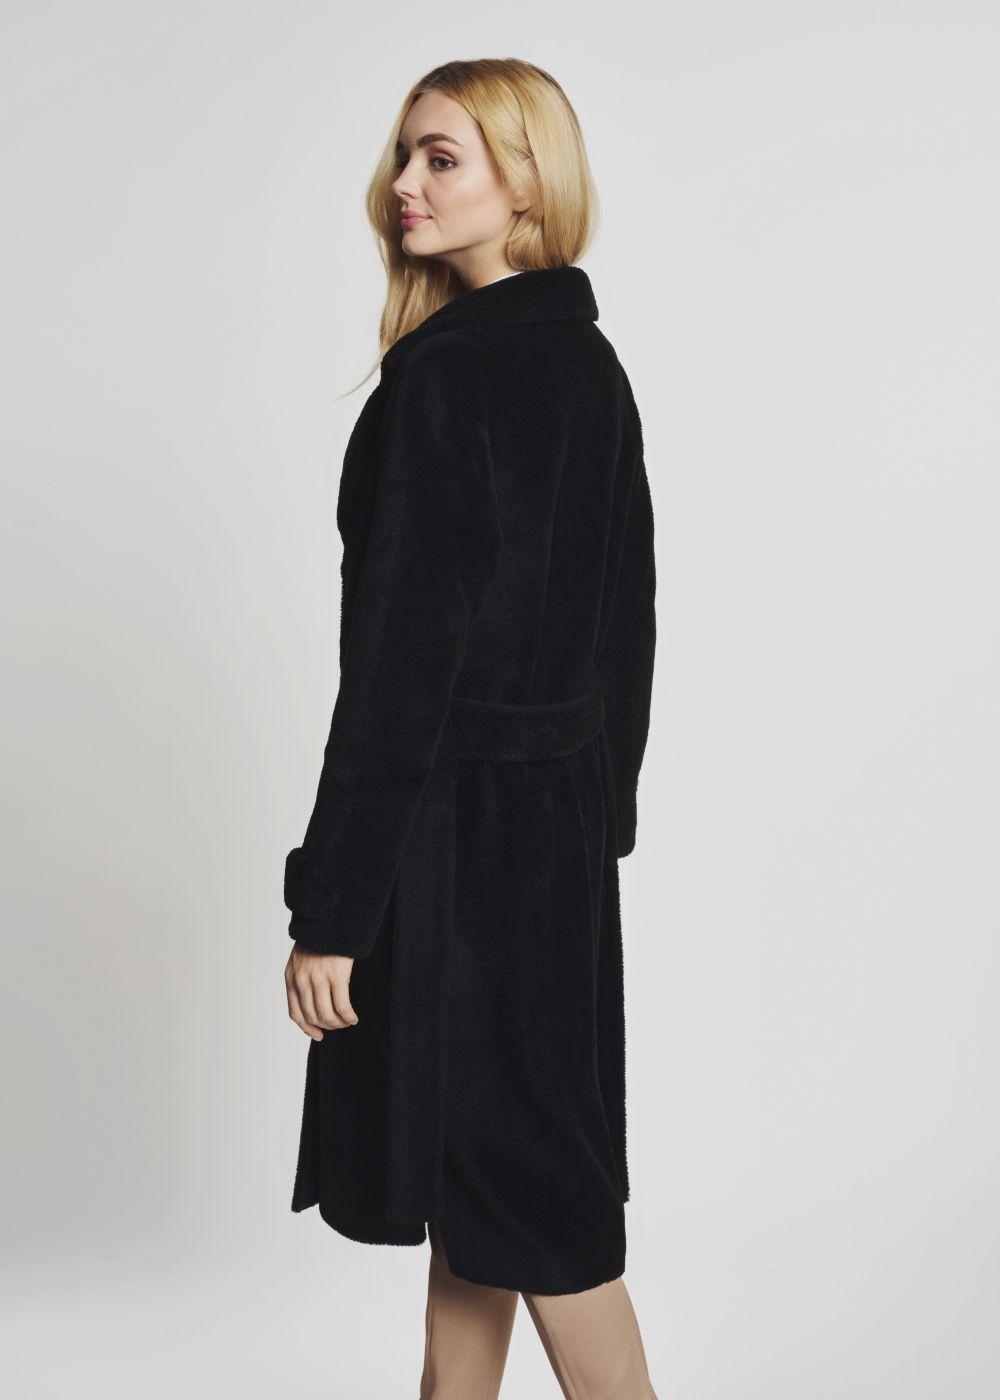 Długie futro damskie w czarnym kolorze FUTDT-0022N-99(Z21)